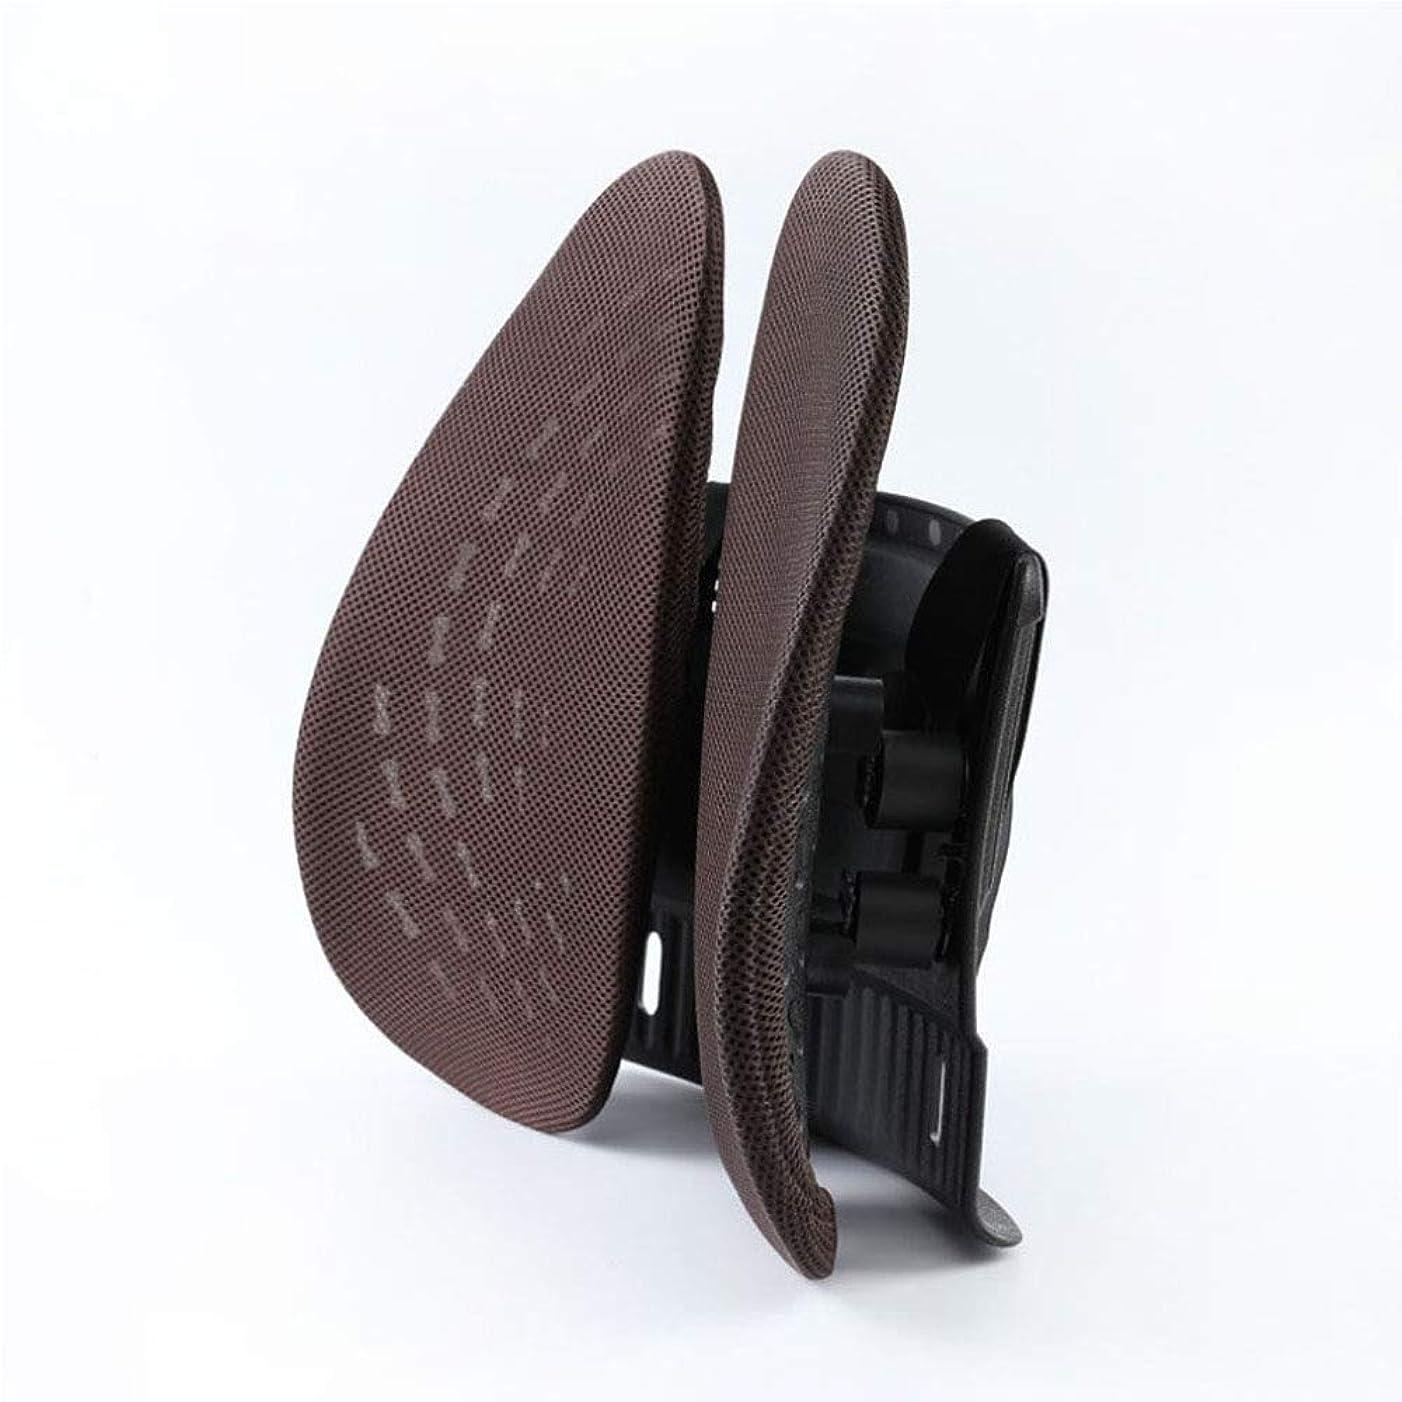 公然とオープナー驚いたことに腰枕 人間工学 椅子 デスクチェア 腰痛 姿勢 対策 メッシュ素材 車用 腰枕 取付バンド調節可能 洗える 介護用クッション (ブラウン)